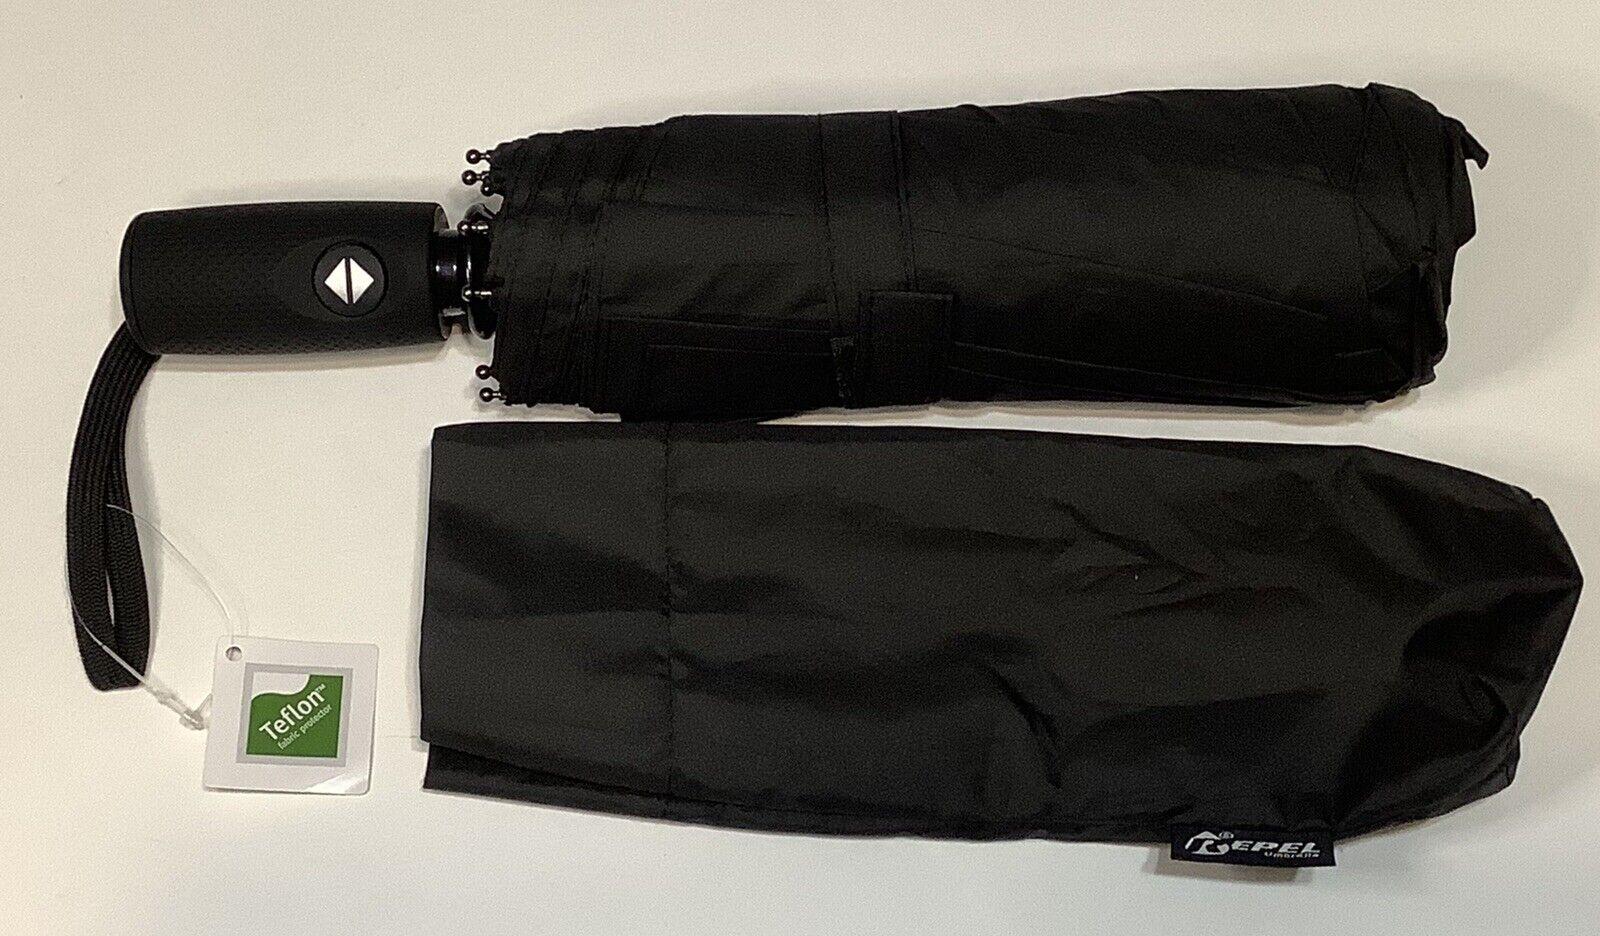 Repel Windproof Automatic Travel Umbrella Spring Loaded Teflon Coating Black